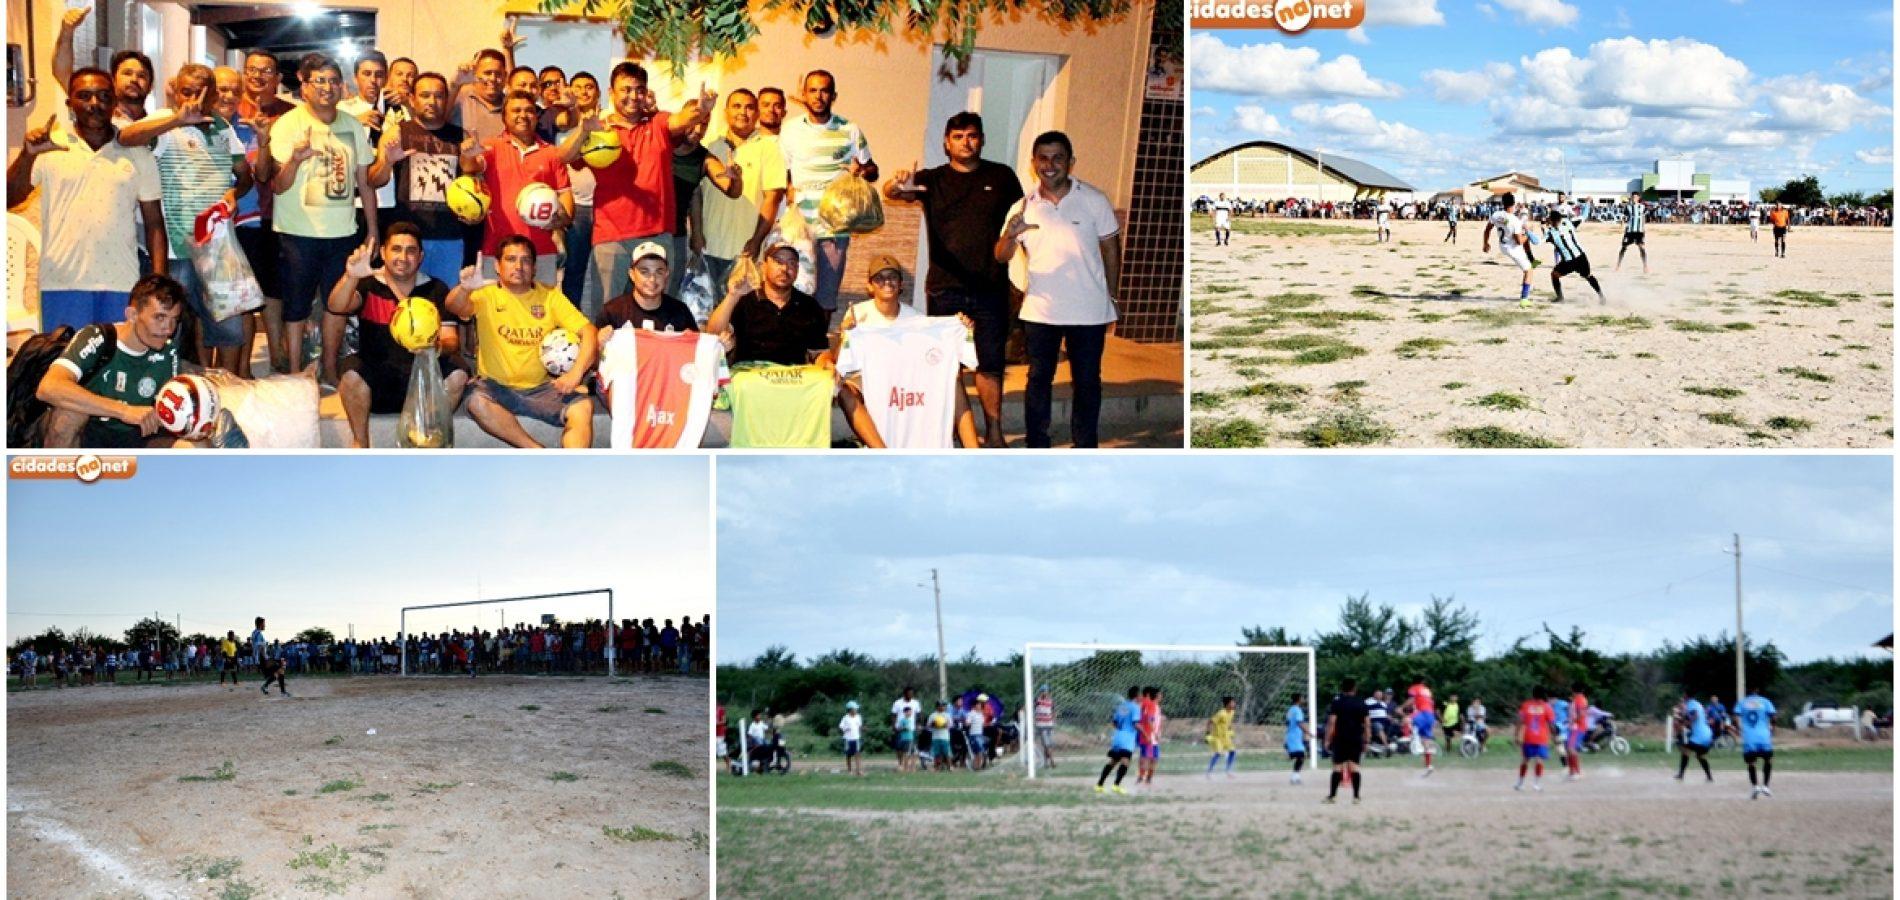 Prefeitura de Alegrete entrega uniformes para equipes; Campeonato inicia neste sábado (29)